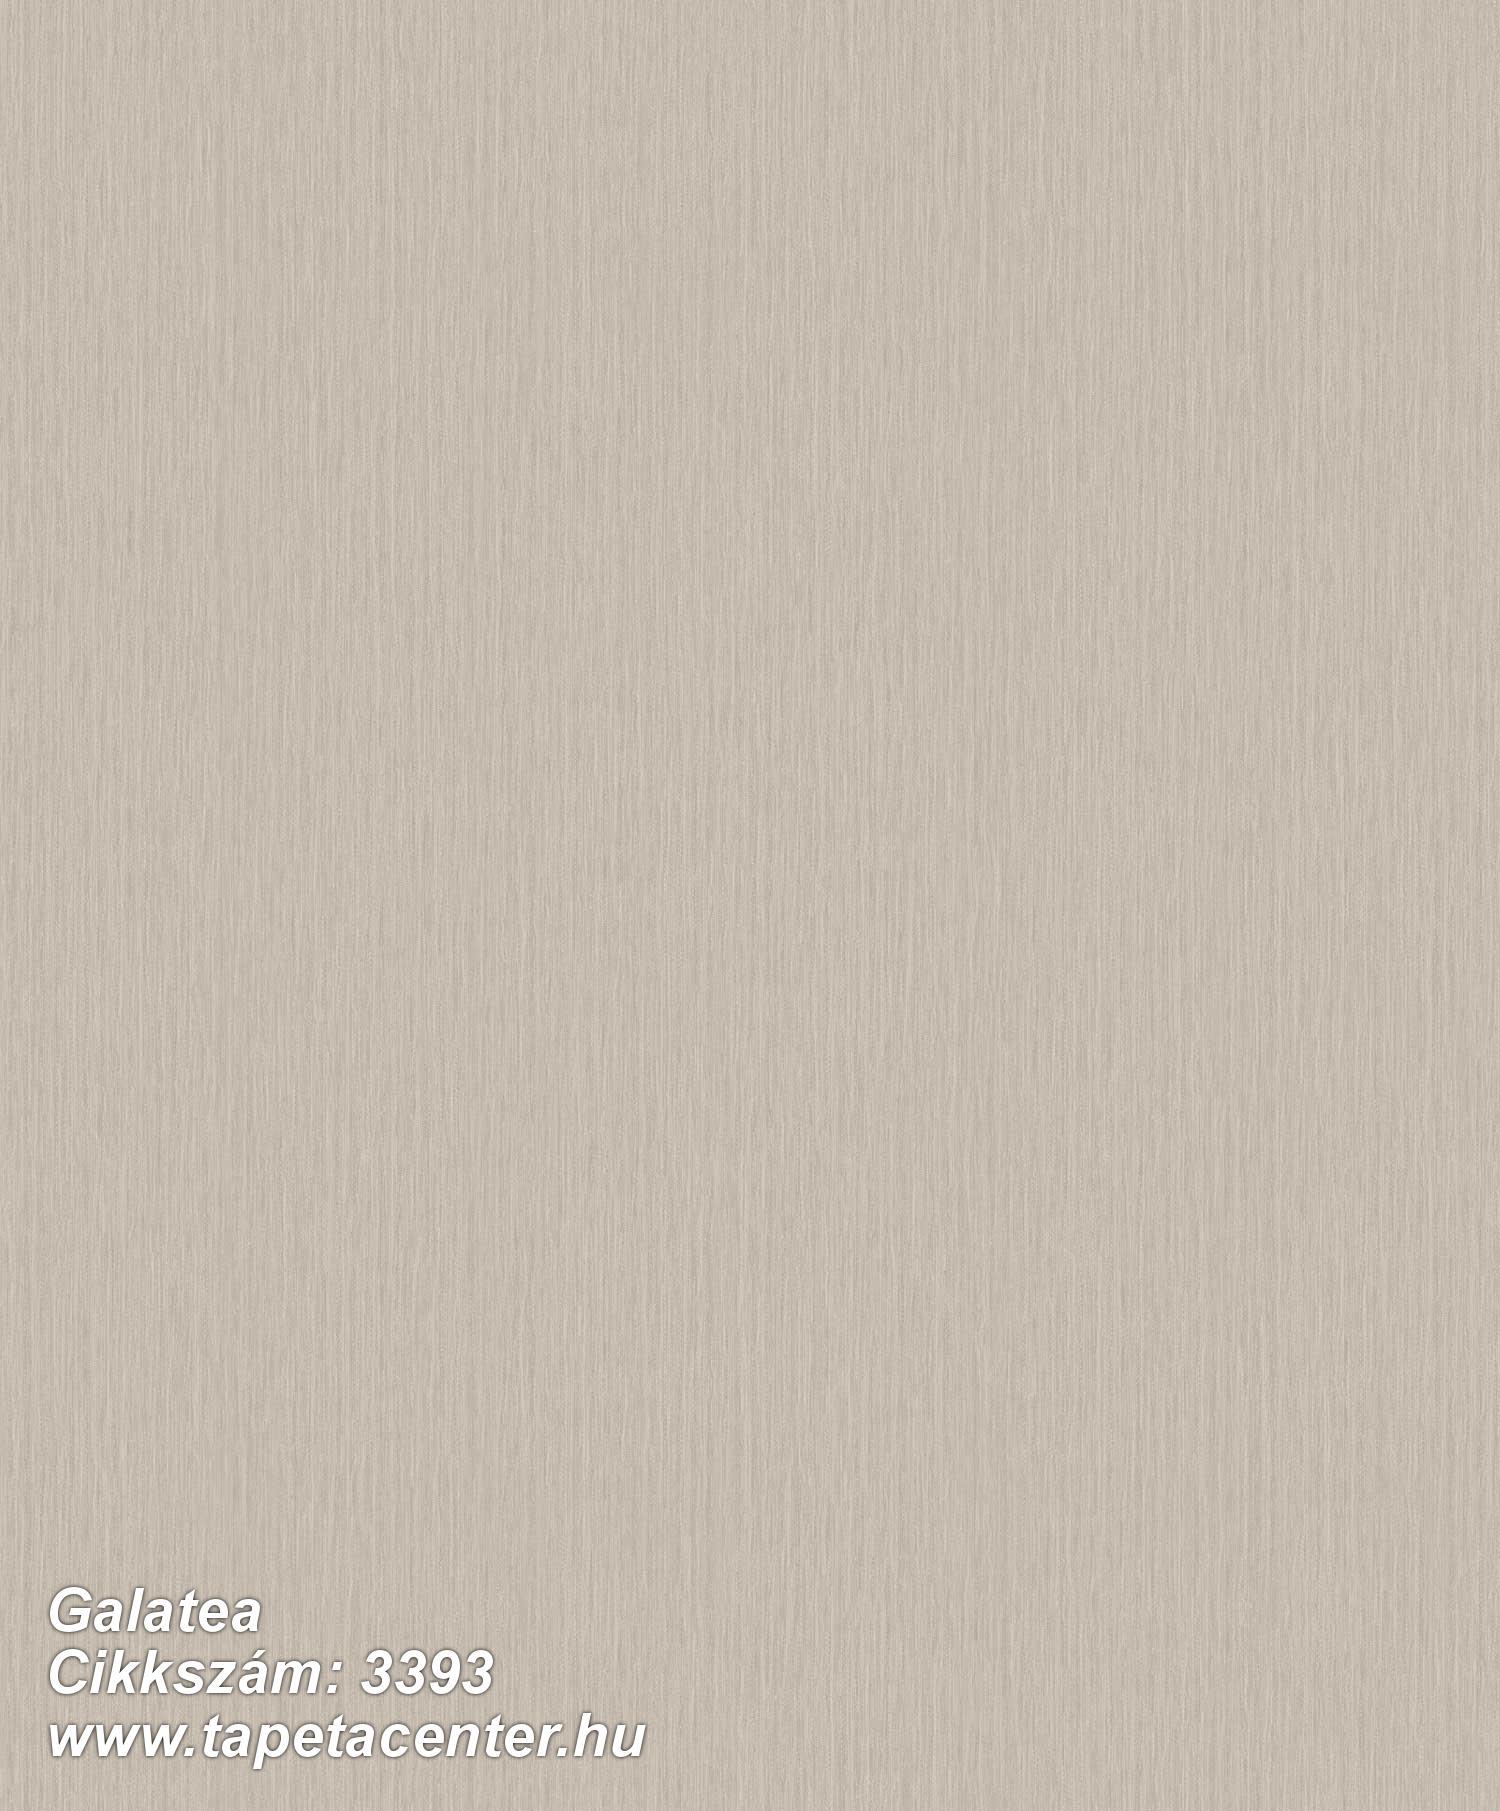 Galatea - 3393 Olasz tapéta